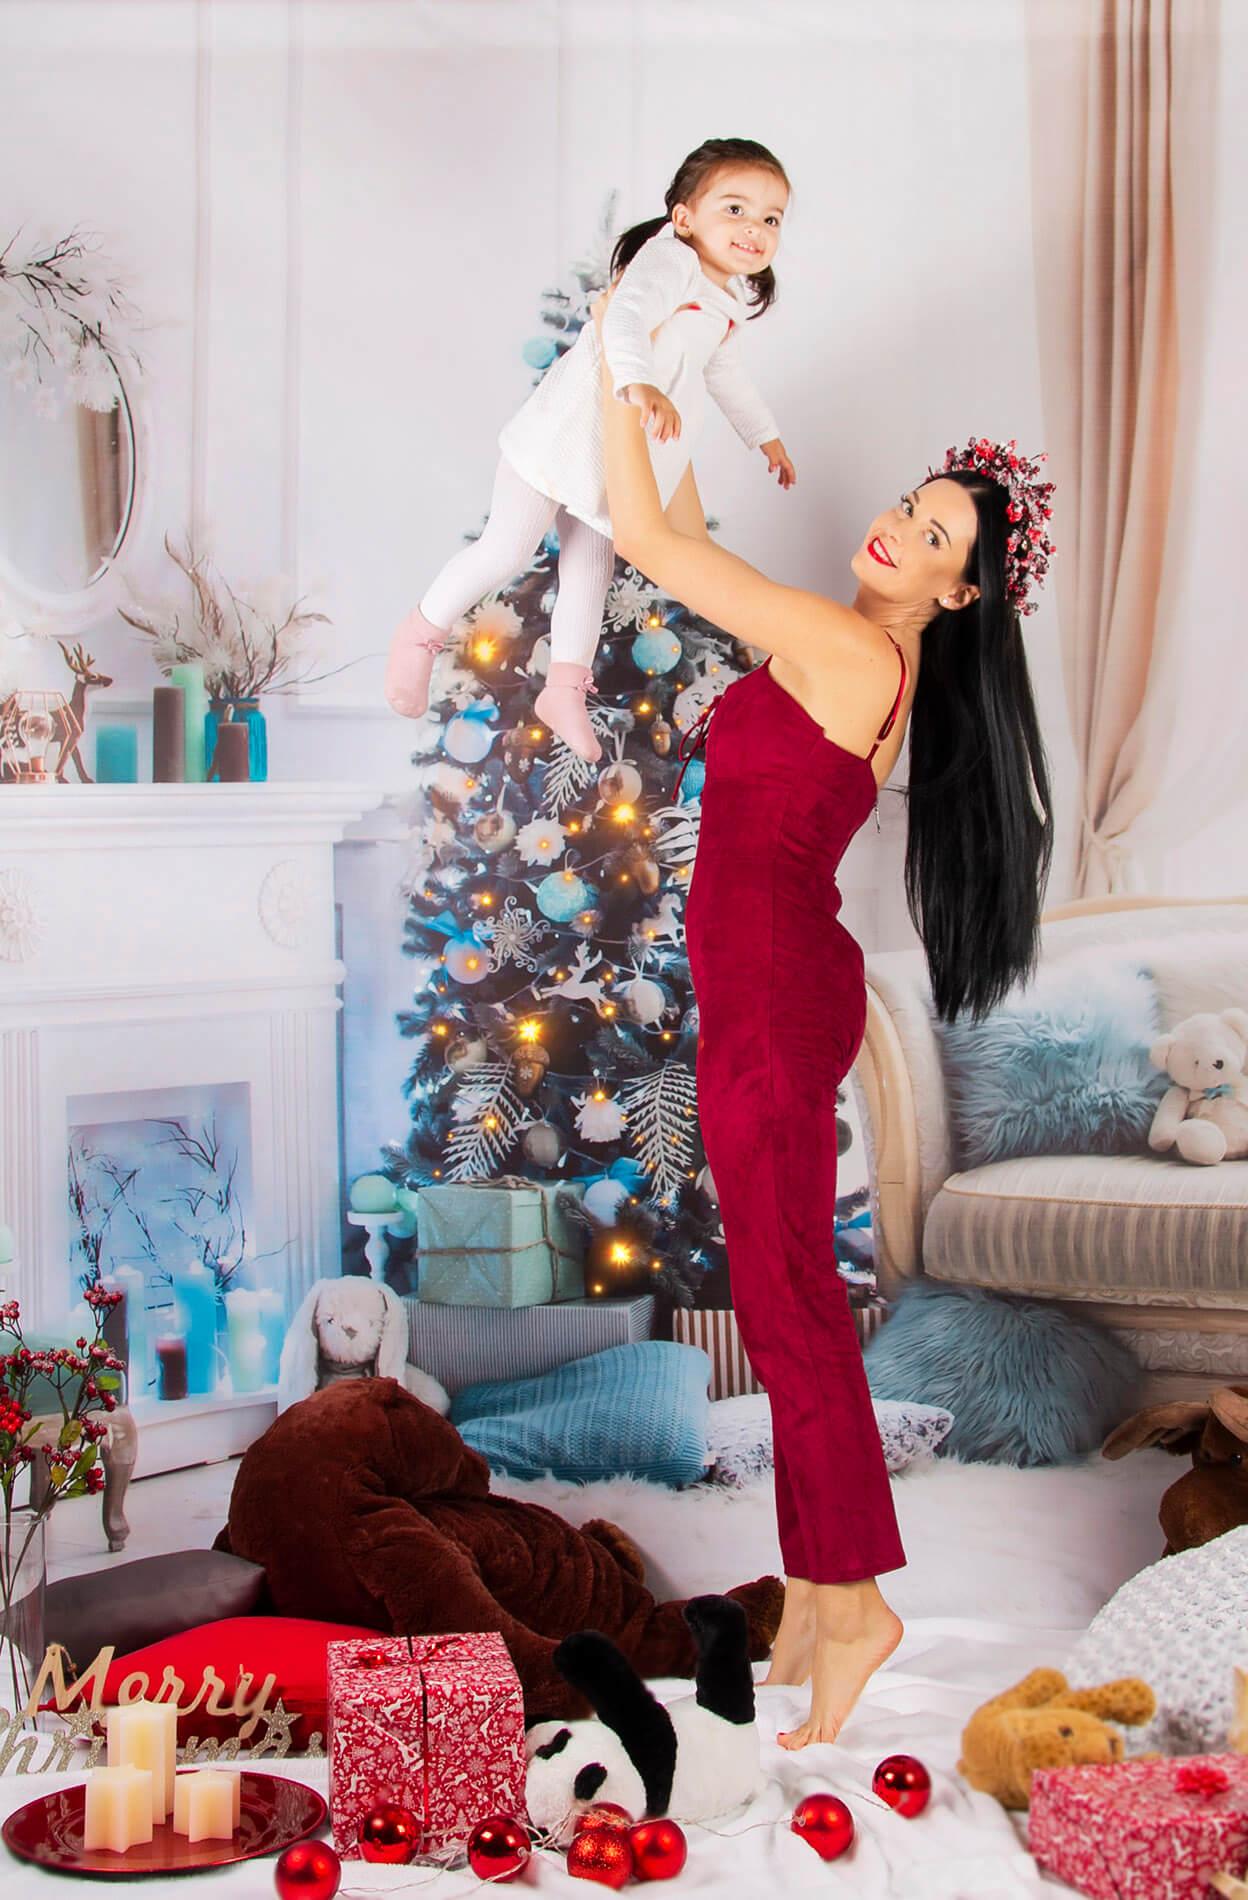 Vianočné fotenie s rekvizitami pred vianočným stromčekom